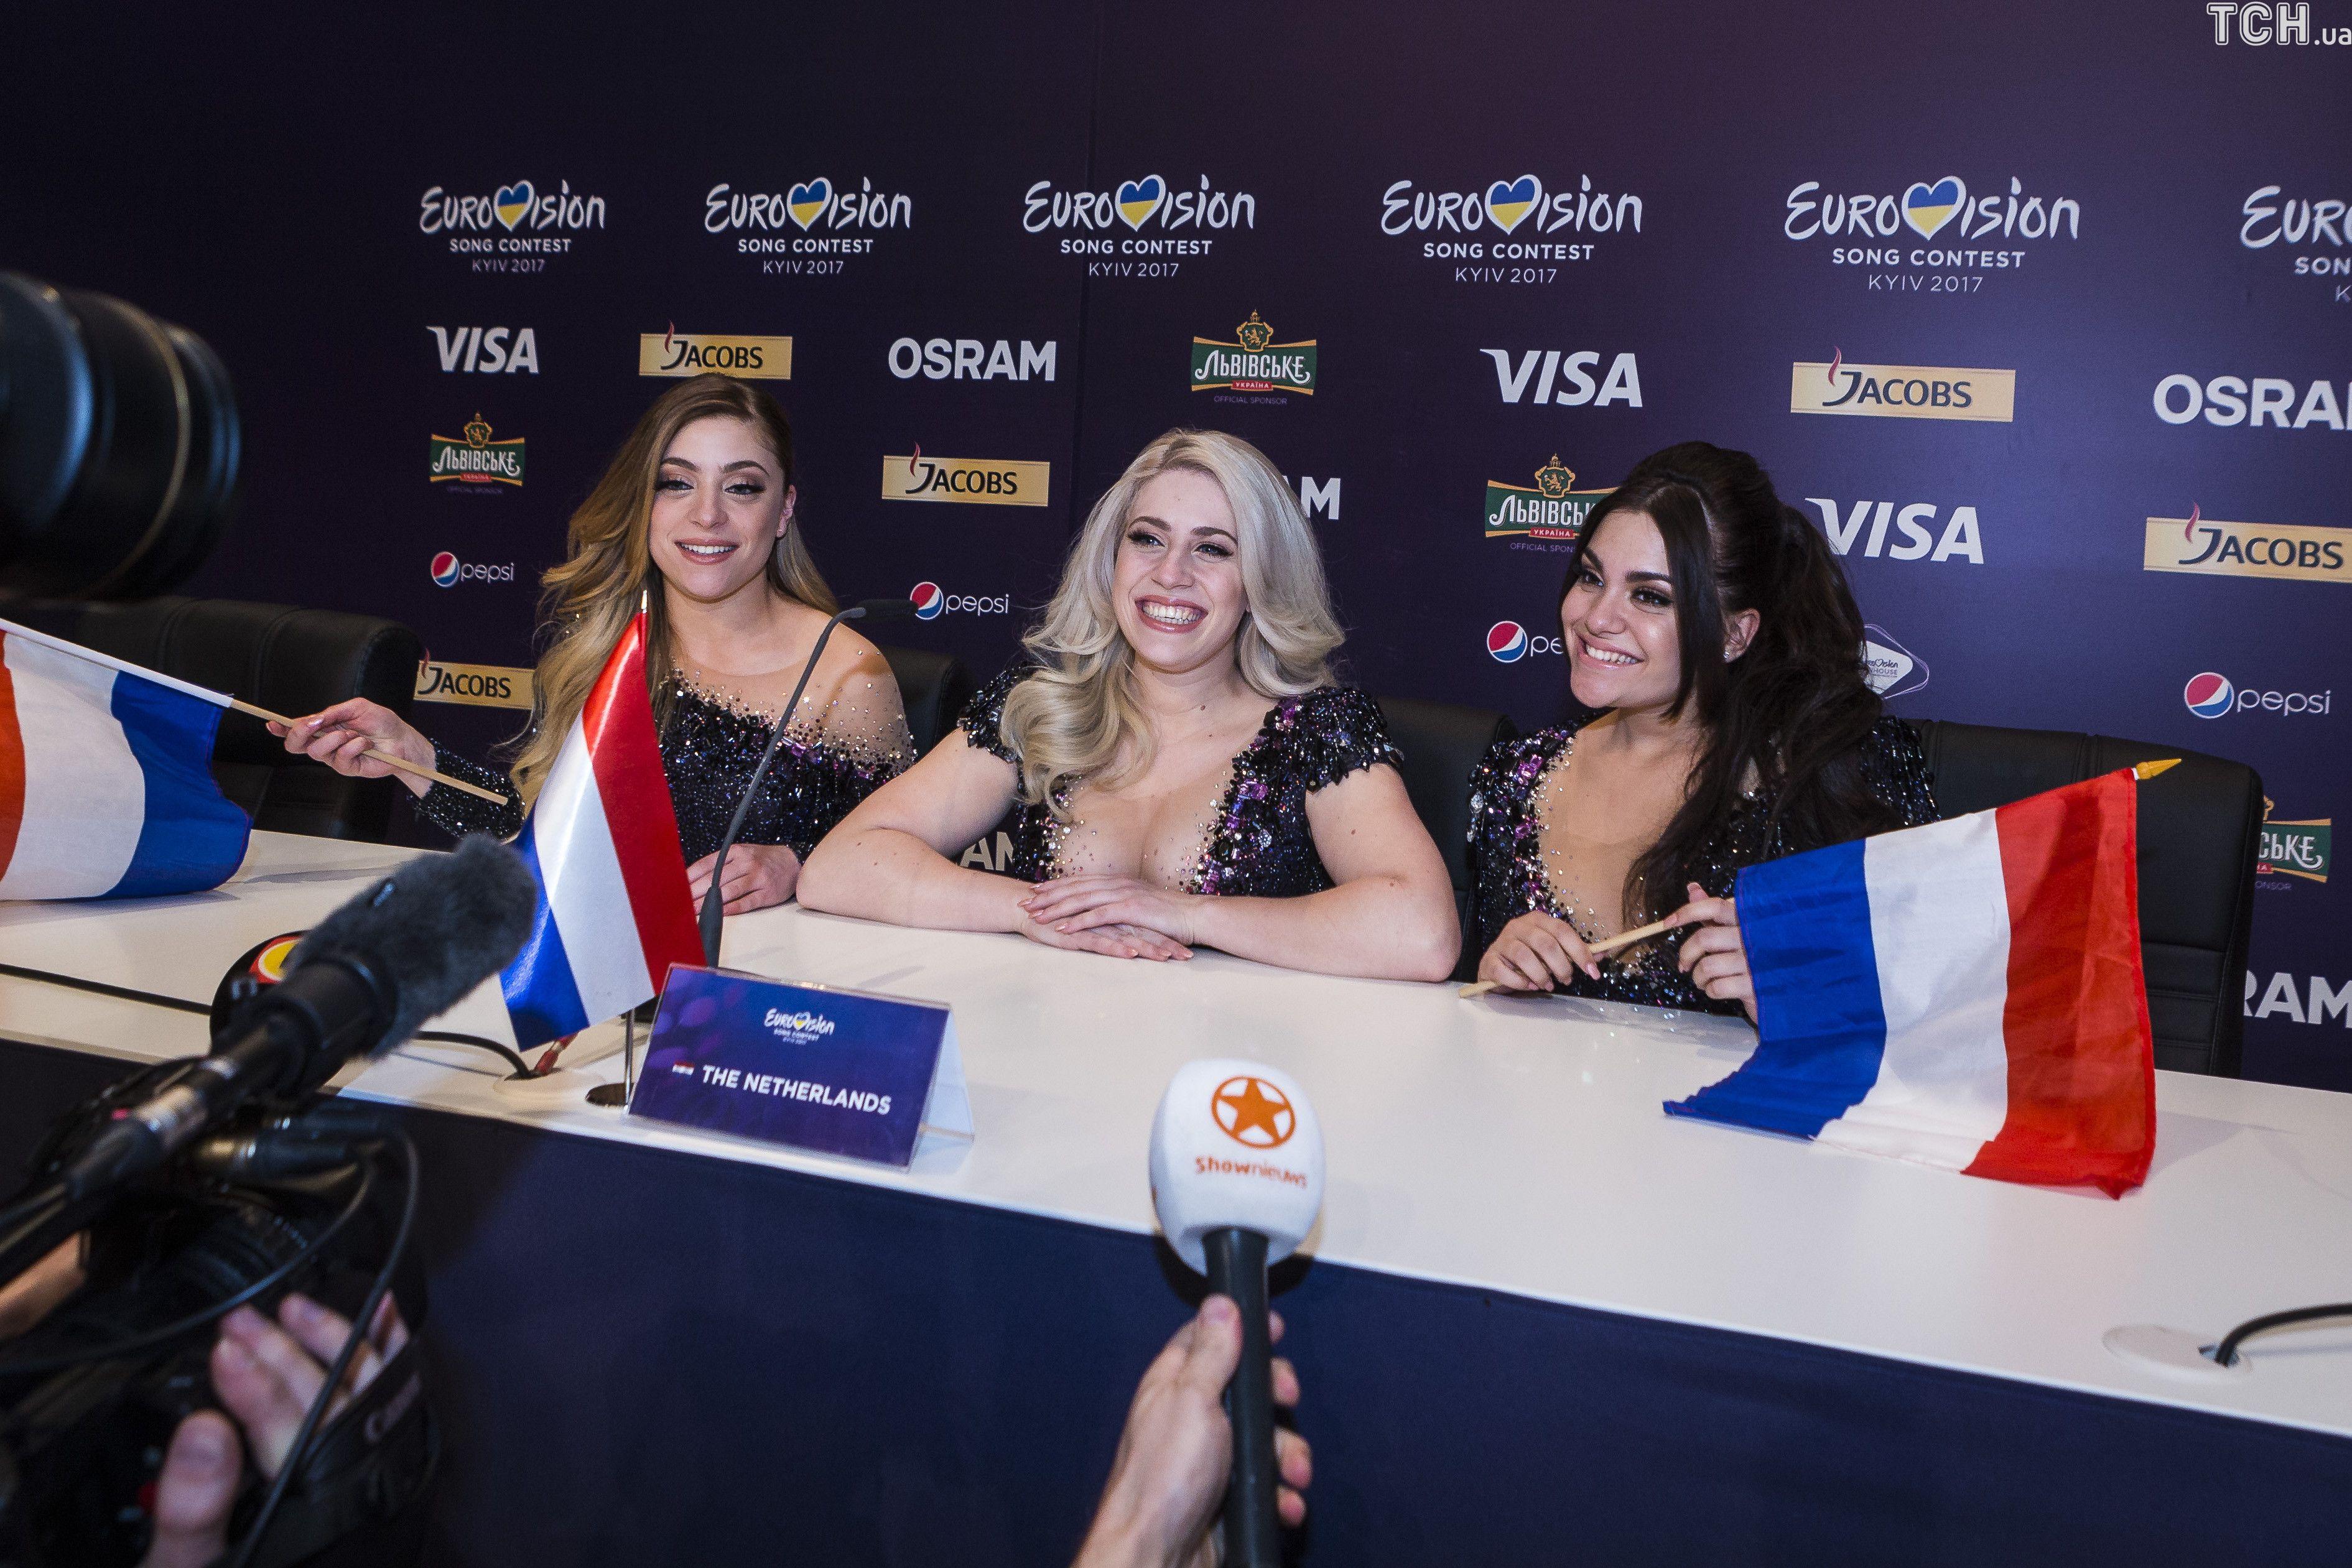 """Прес-конференція фіналістів другого півфіналу """"Євробачення-2017""""_1"""